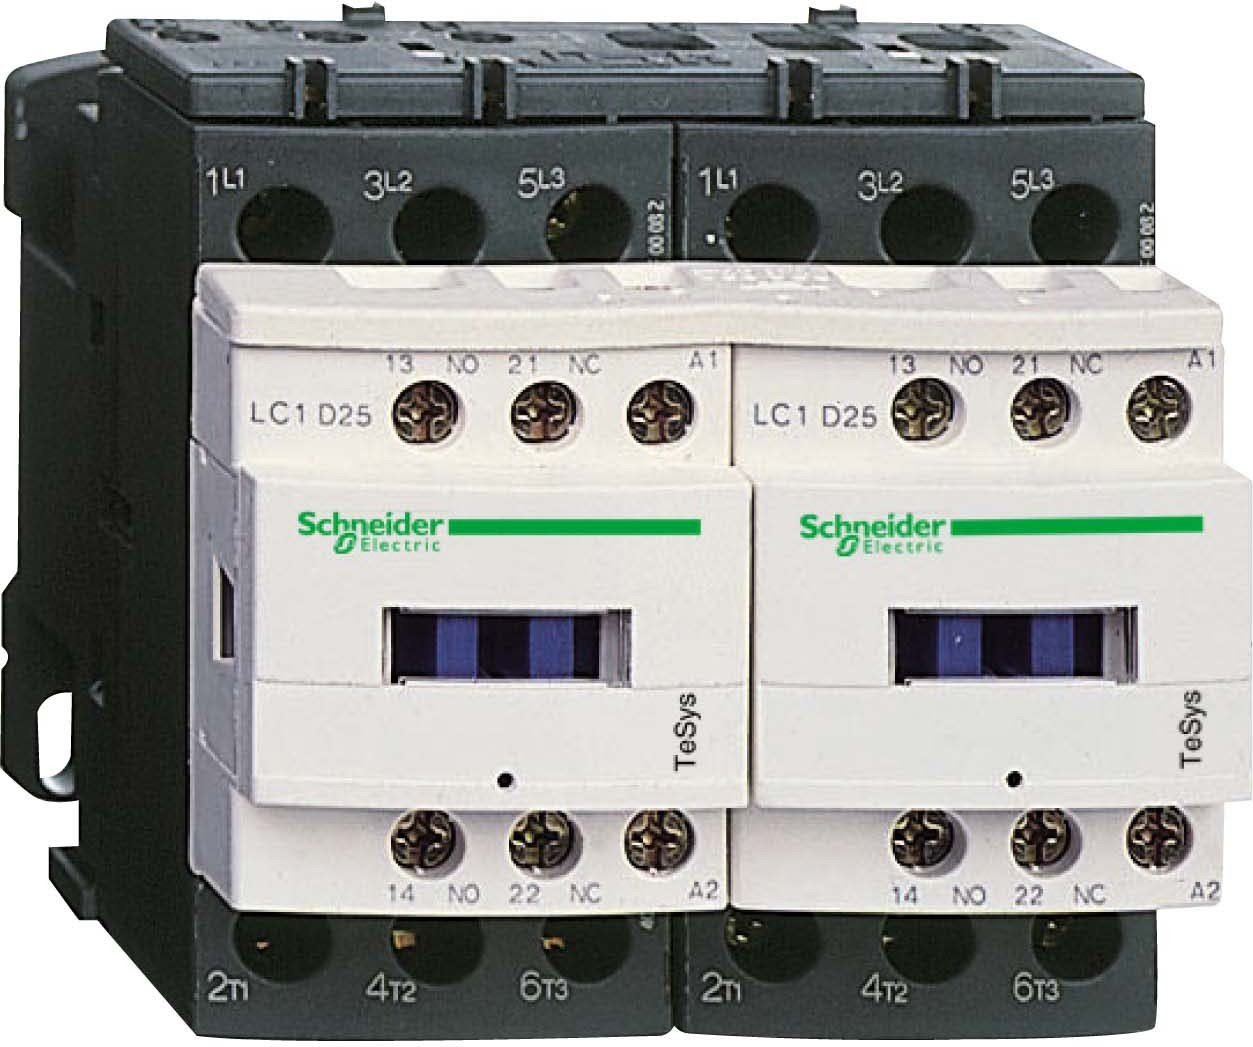 Schneider Electric lc2d12blv contactor 24V, Rev Cont 12A 1NO 1NC 2,4W 24V